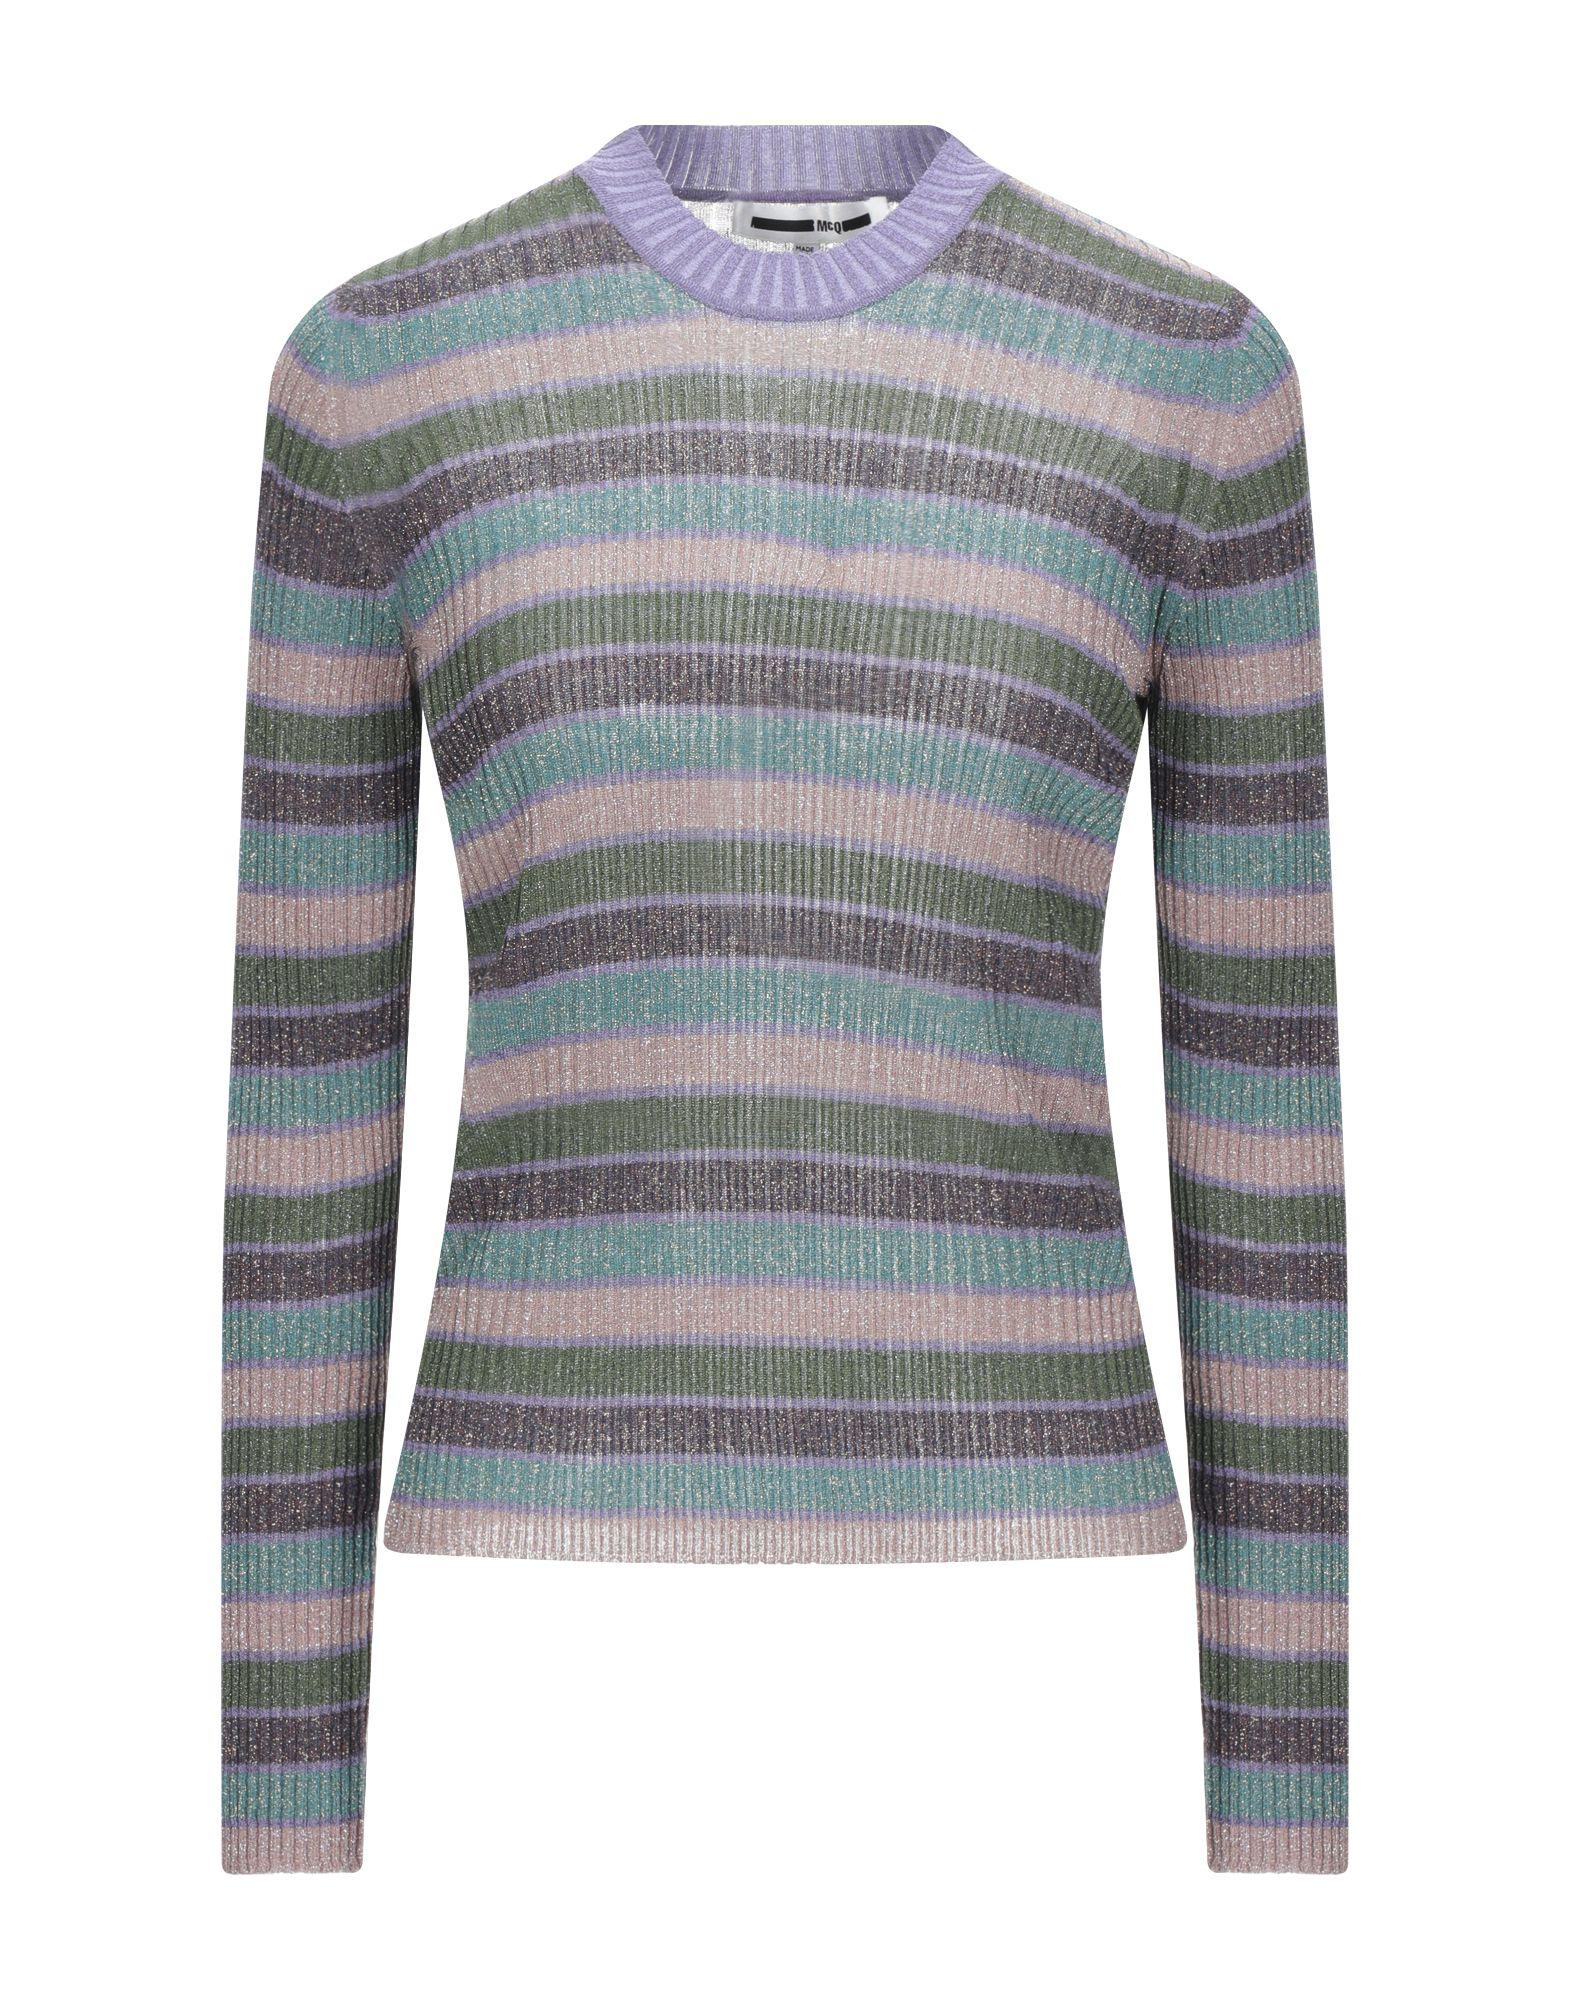 McQ Alexander McQueen Sweaters - Item 14034851